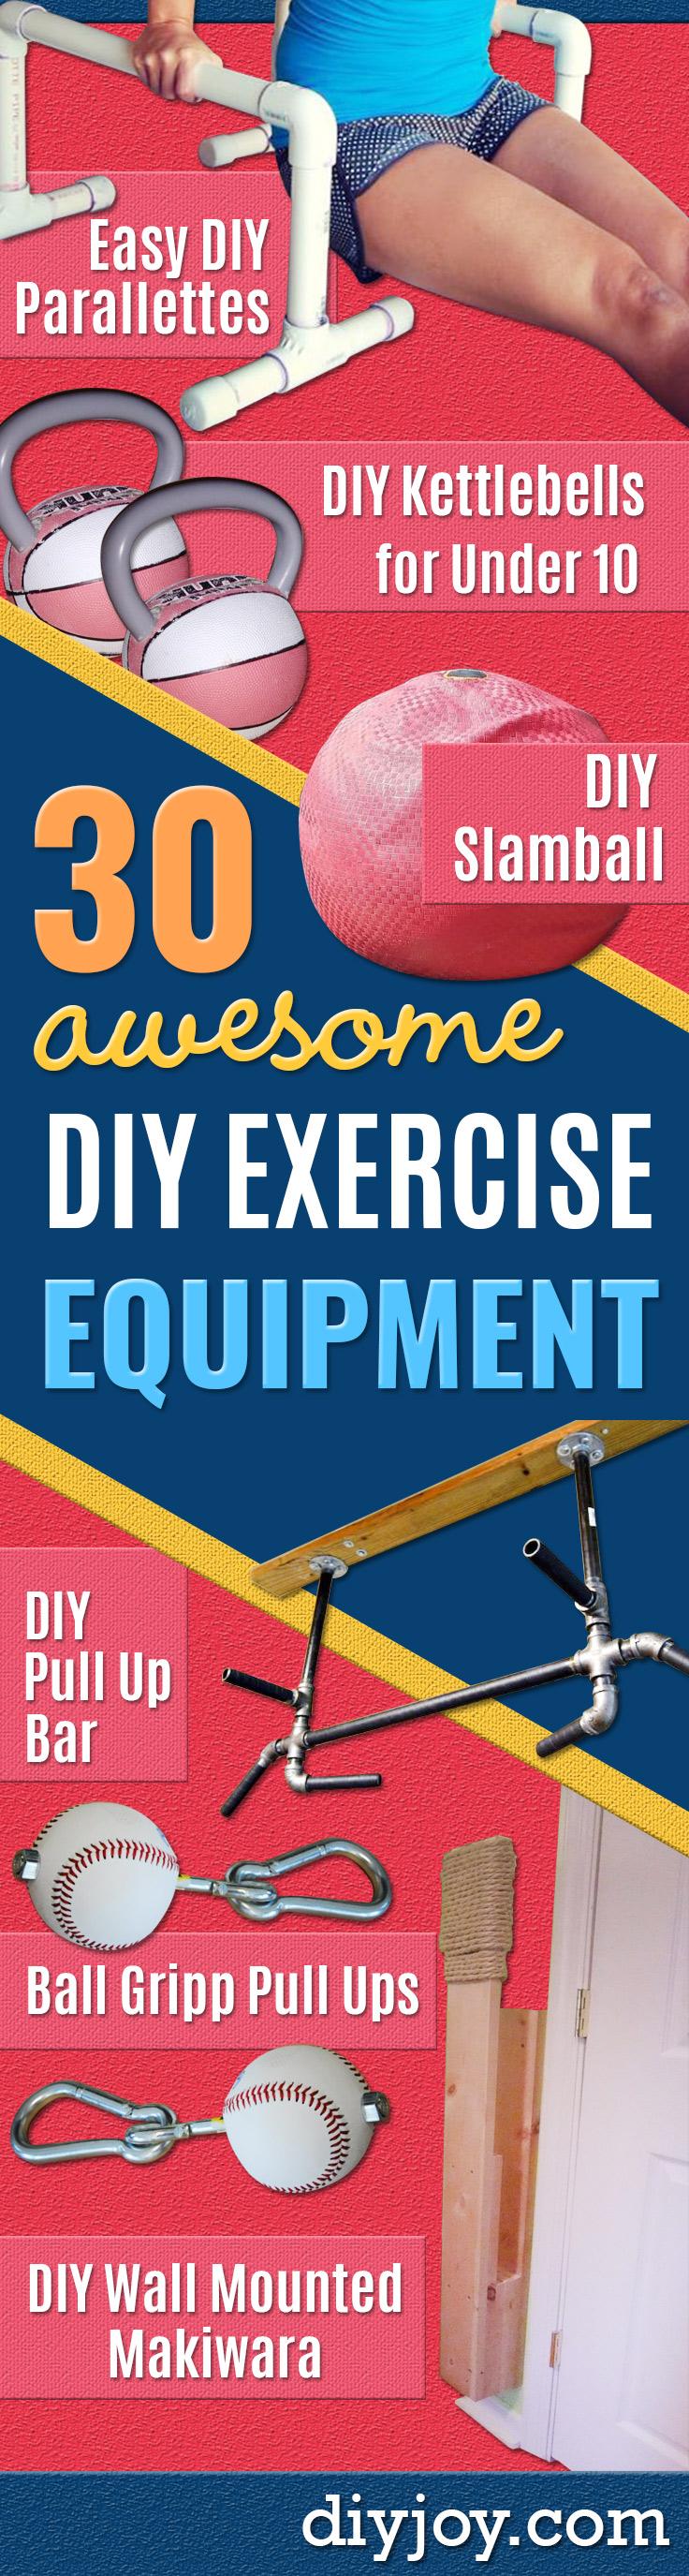 how to make homemade gym equipment